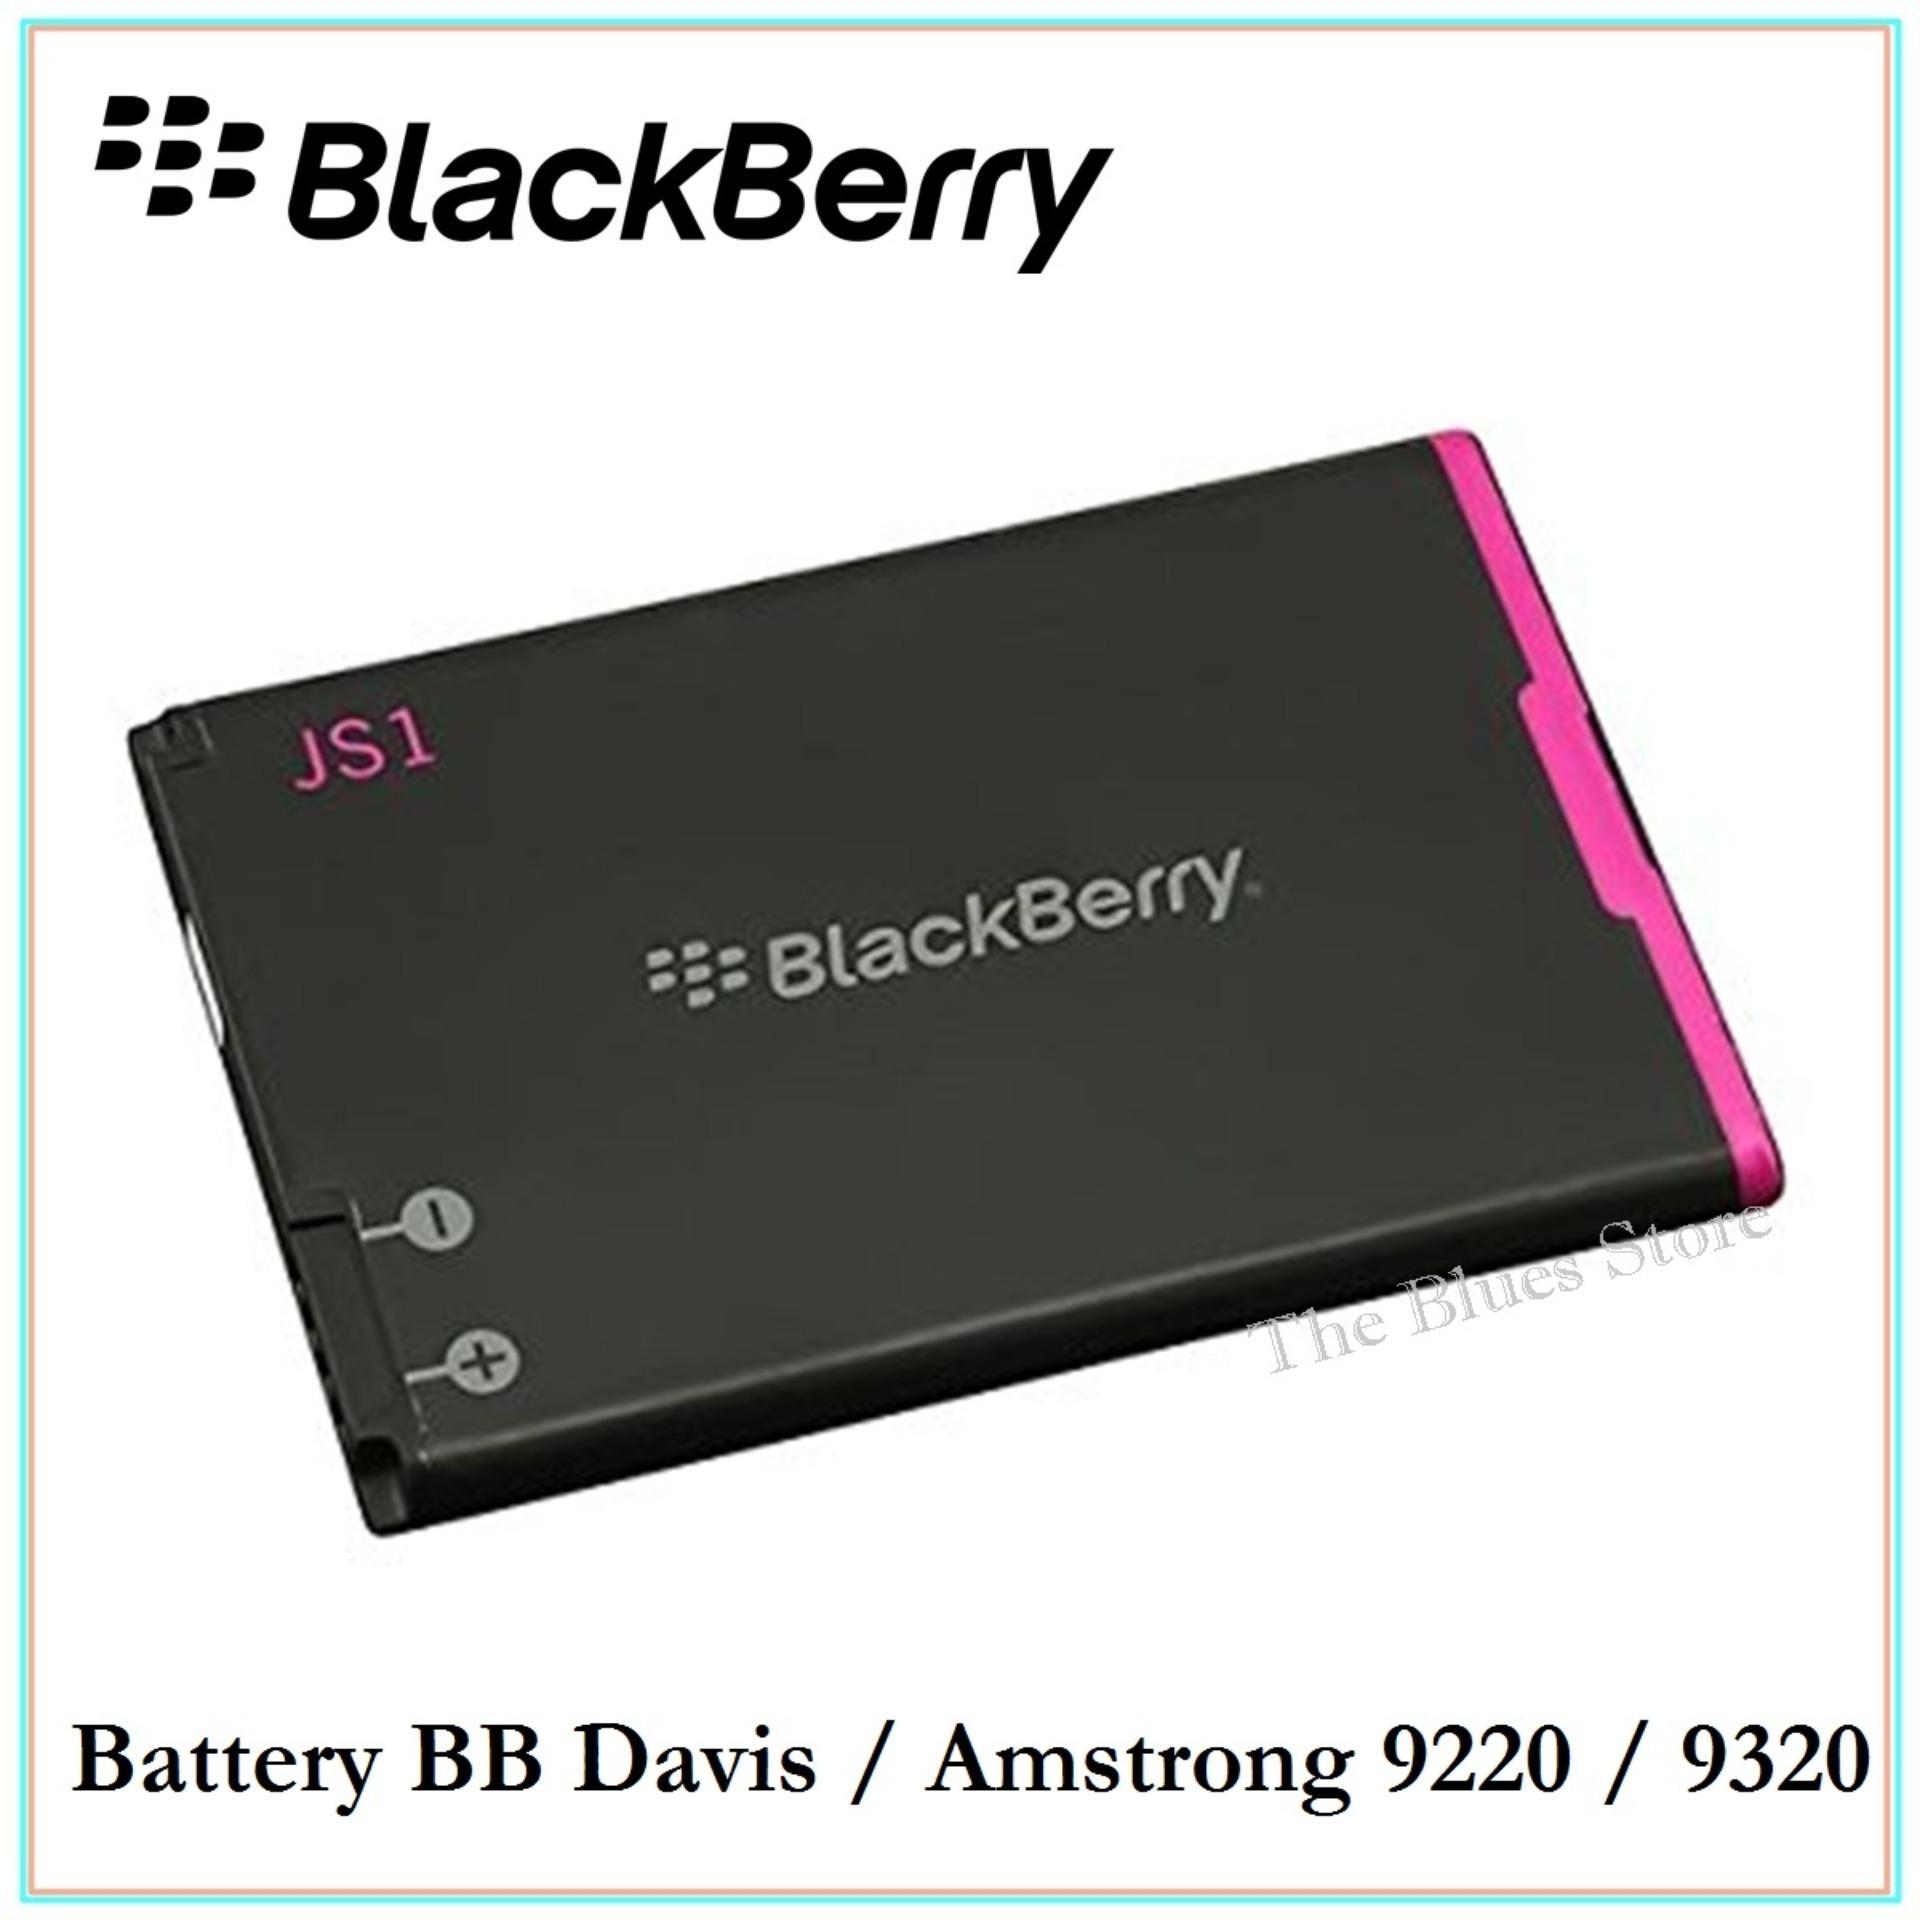 Produk Blackberry Terbaru Aurora Garansi Resmi 1 Tahun Hitam Black Battery Js1 Baterai Davis Amstrong 9220 9320 Capacity 1500mah Original